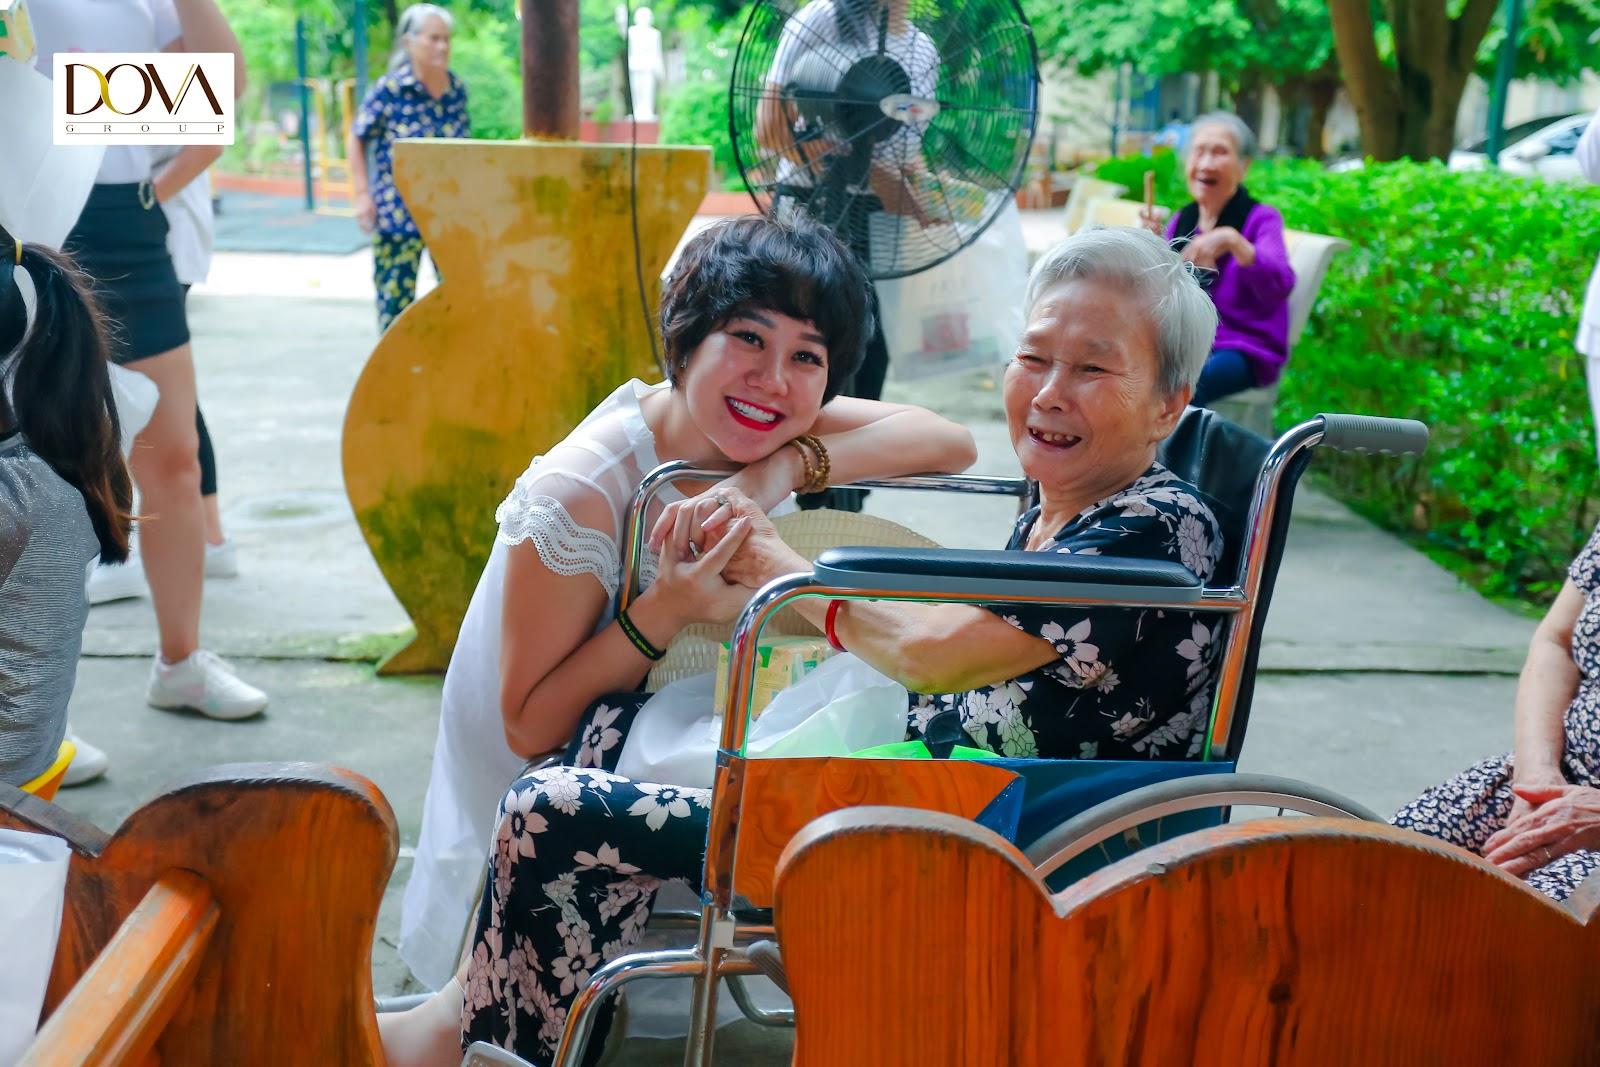 Tập đoàn Dova trao hơn 500 suất quà cho người già neo đơn, trẻ mồ côi, khuyết tật - Ảnh 4